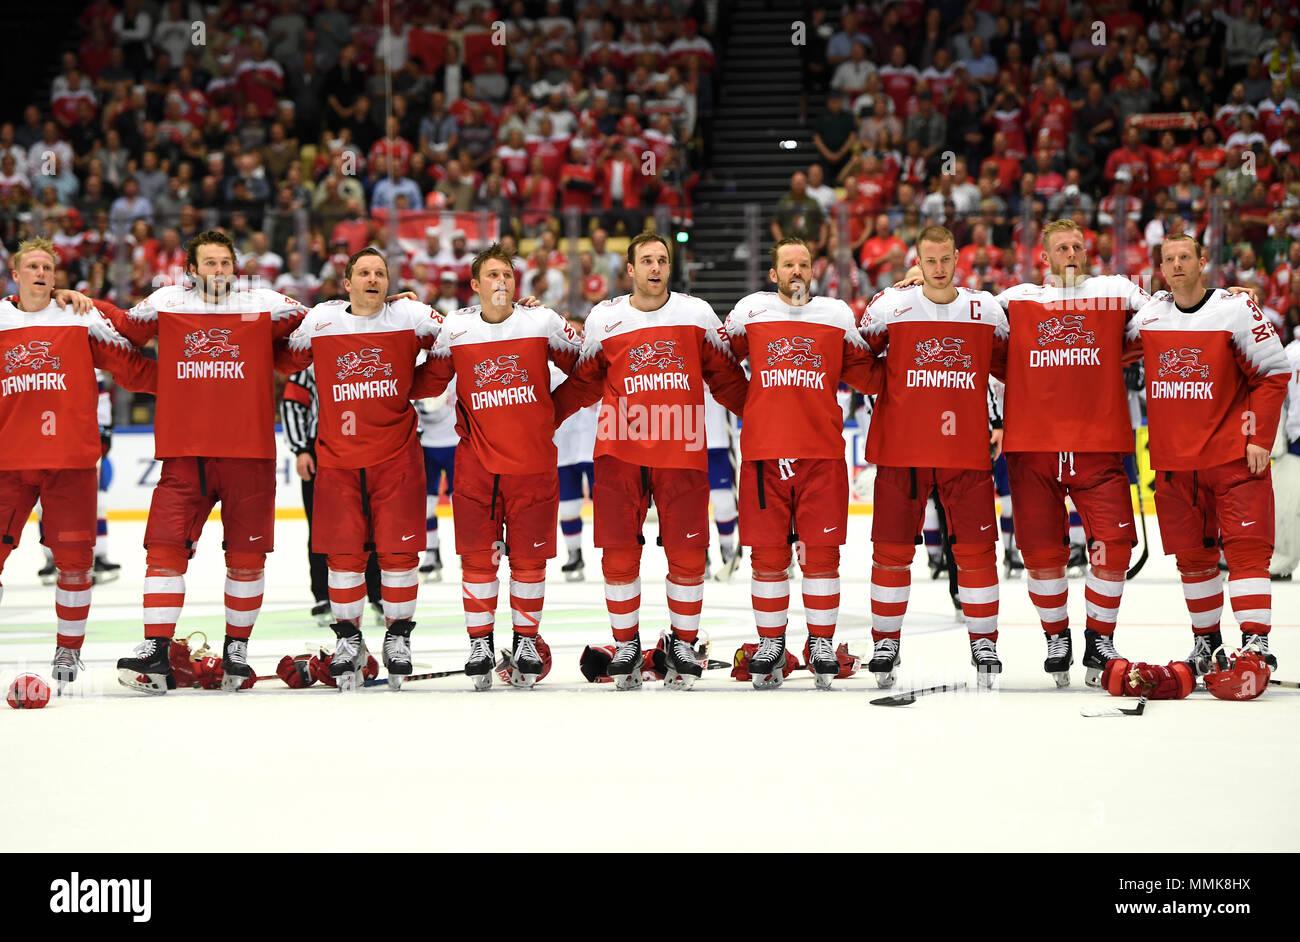 Memorabilia Fahne Banner 2018 Ice Hockey World Championship Denmark Kopenhagen Herning # 17